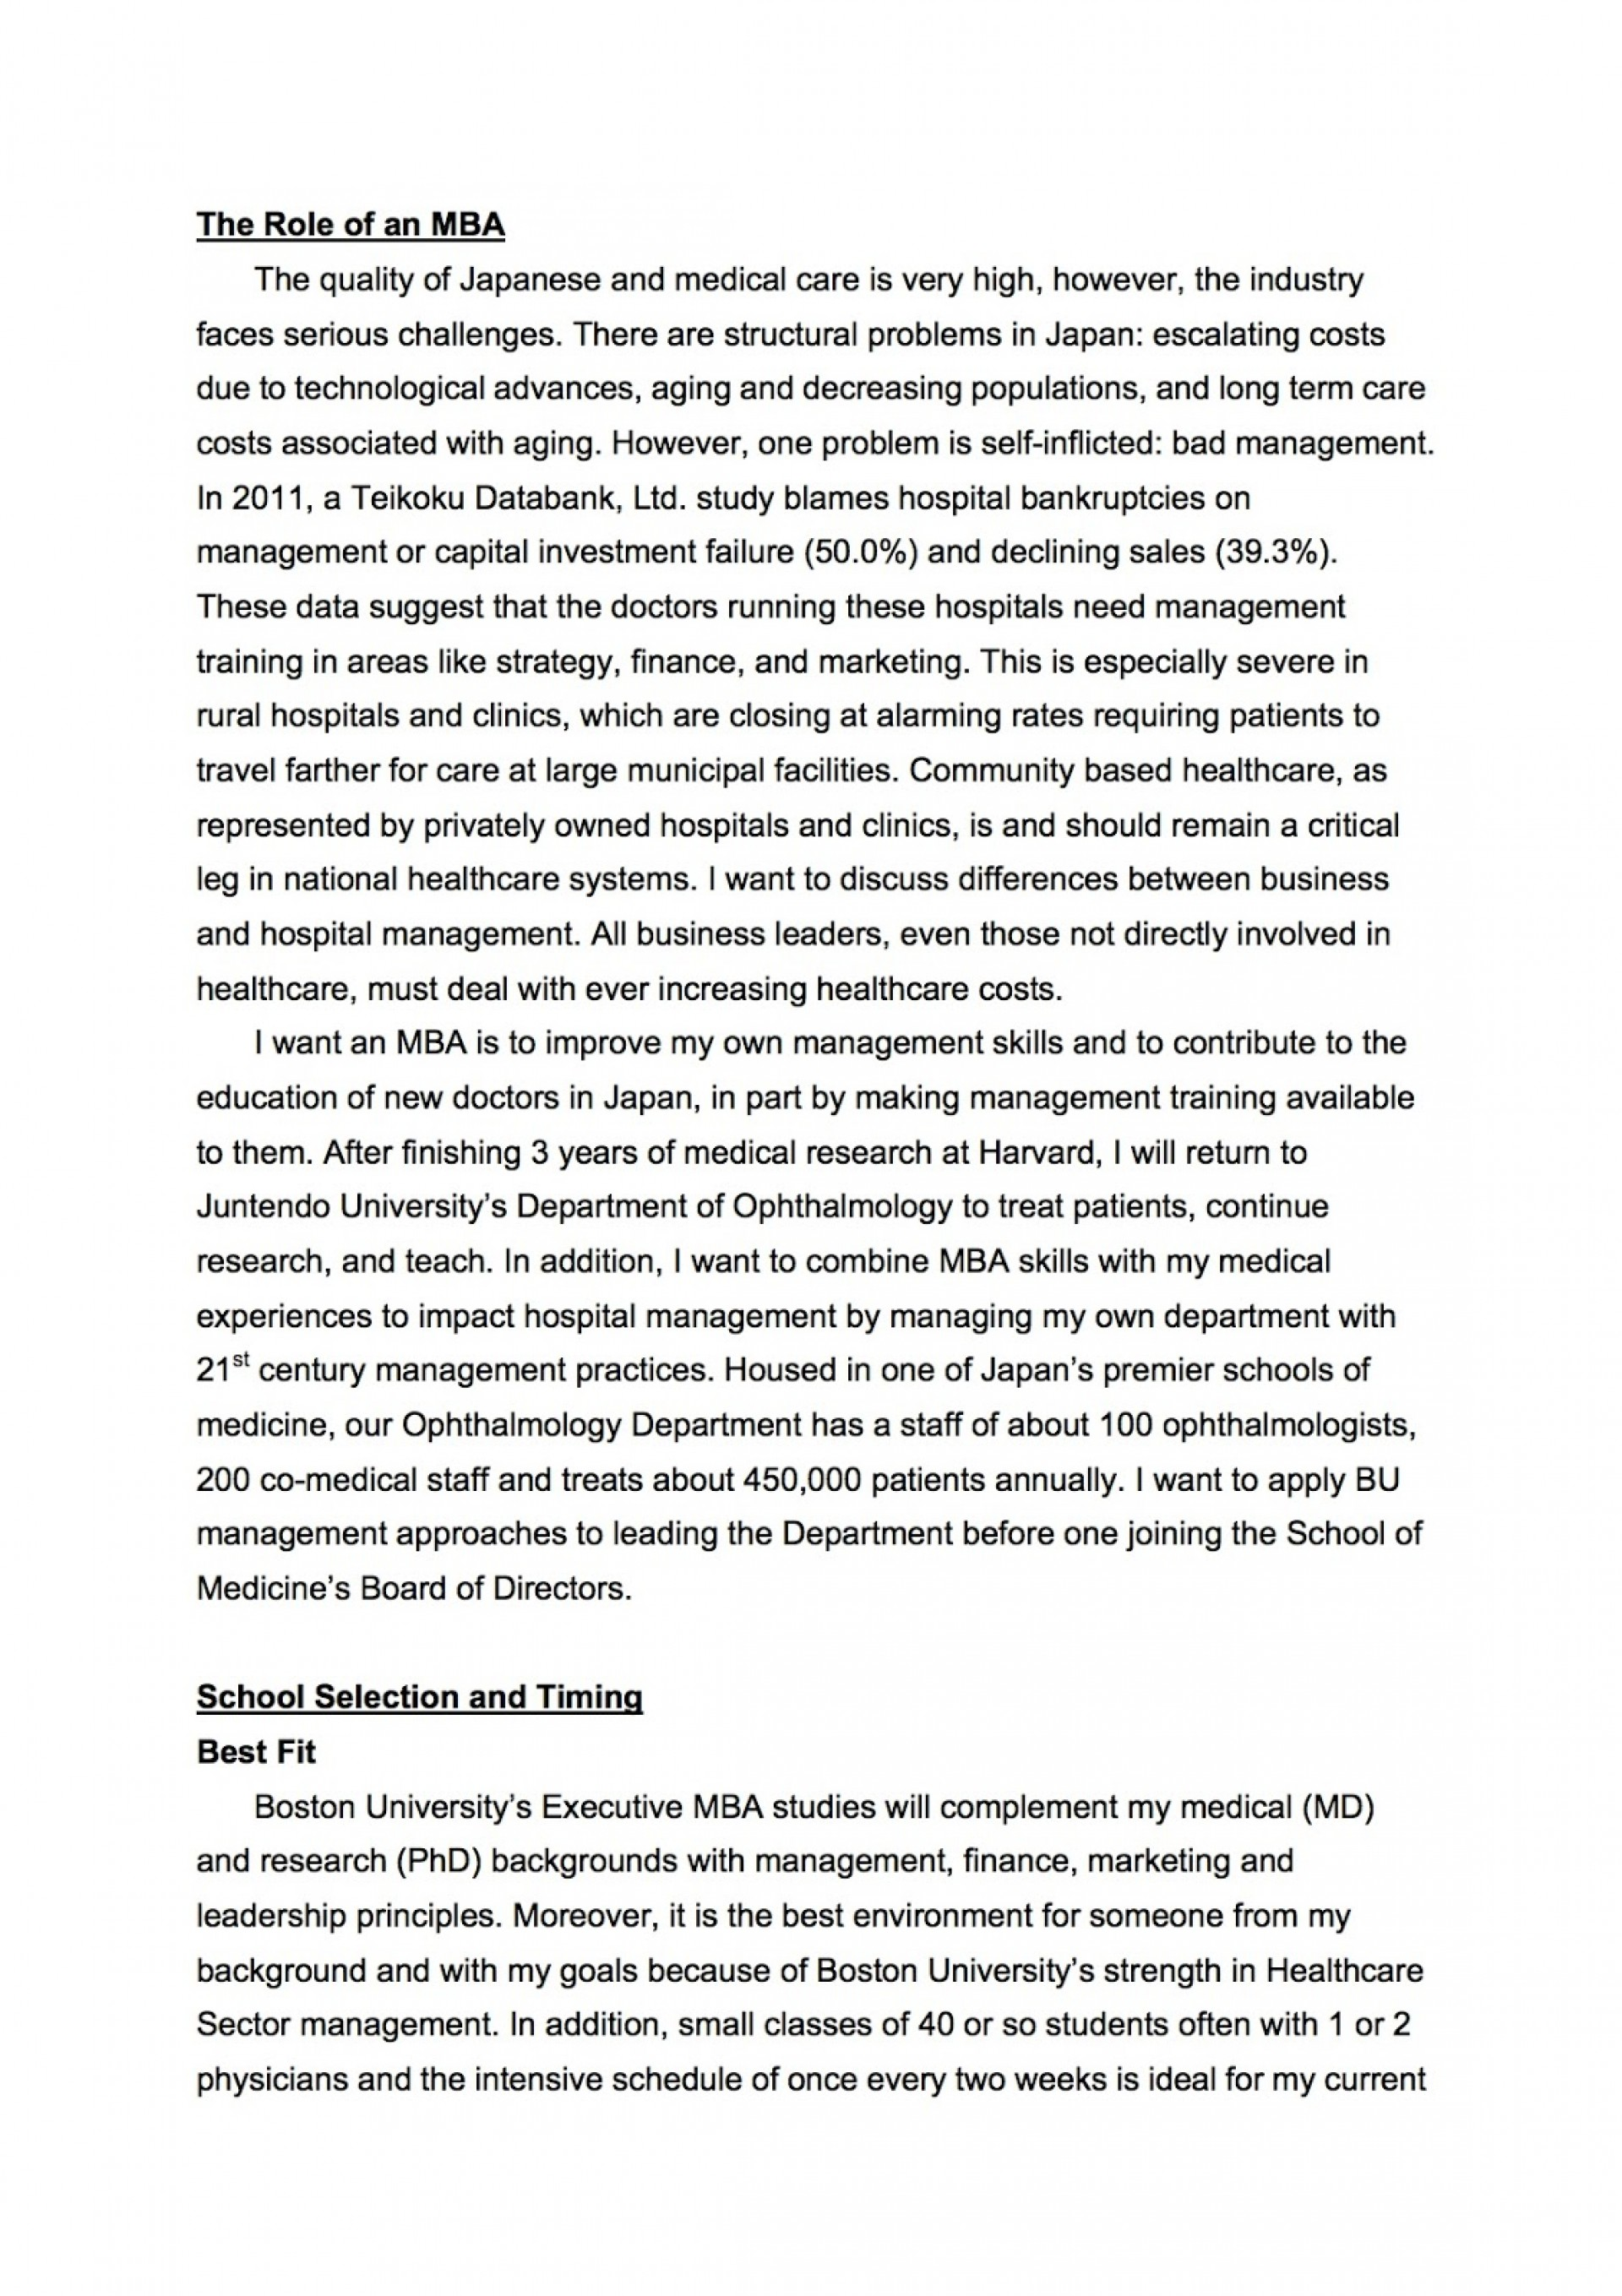 wake forest supplemental essays